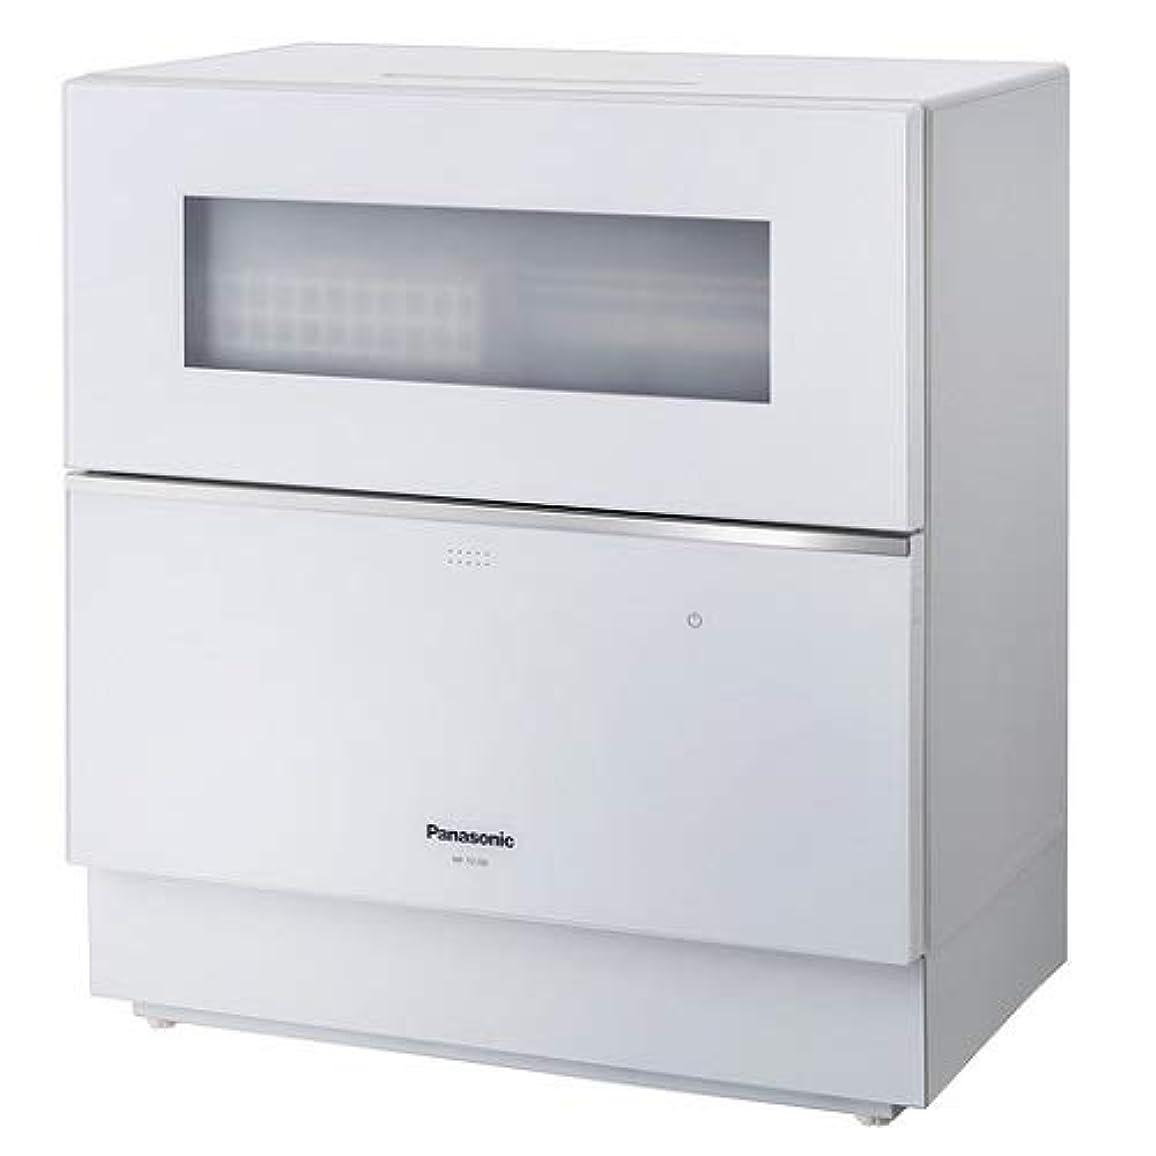 勝つじゃがいも尊敬するパナソニック 食器洗い乾燥機(ホワイト)【食洗機】【食器洗い機】 Panasonic NP-TZ100-W